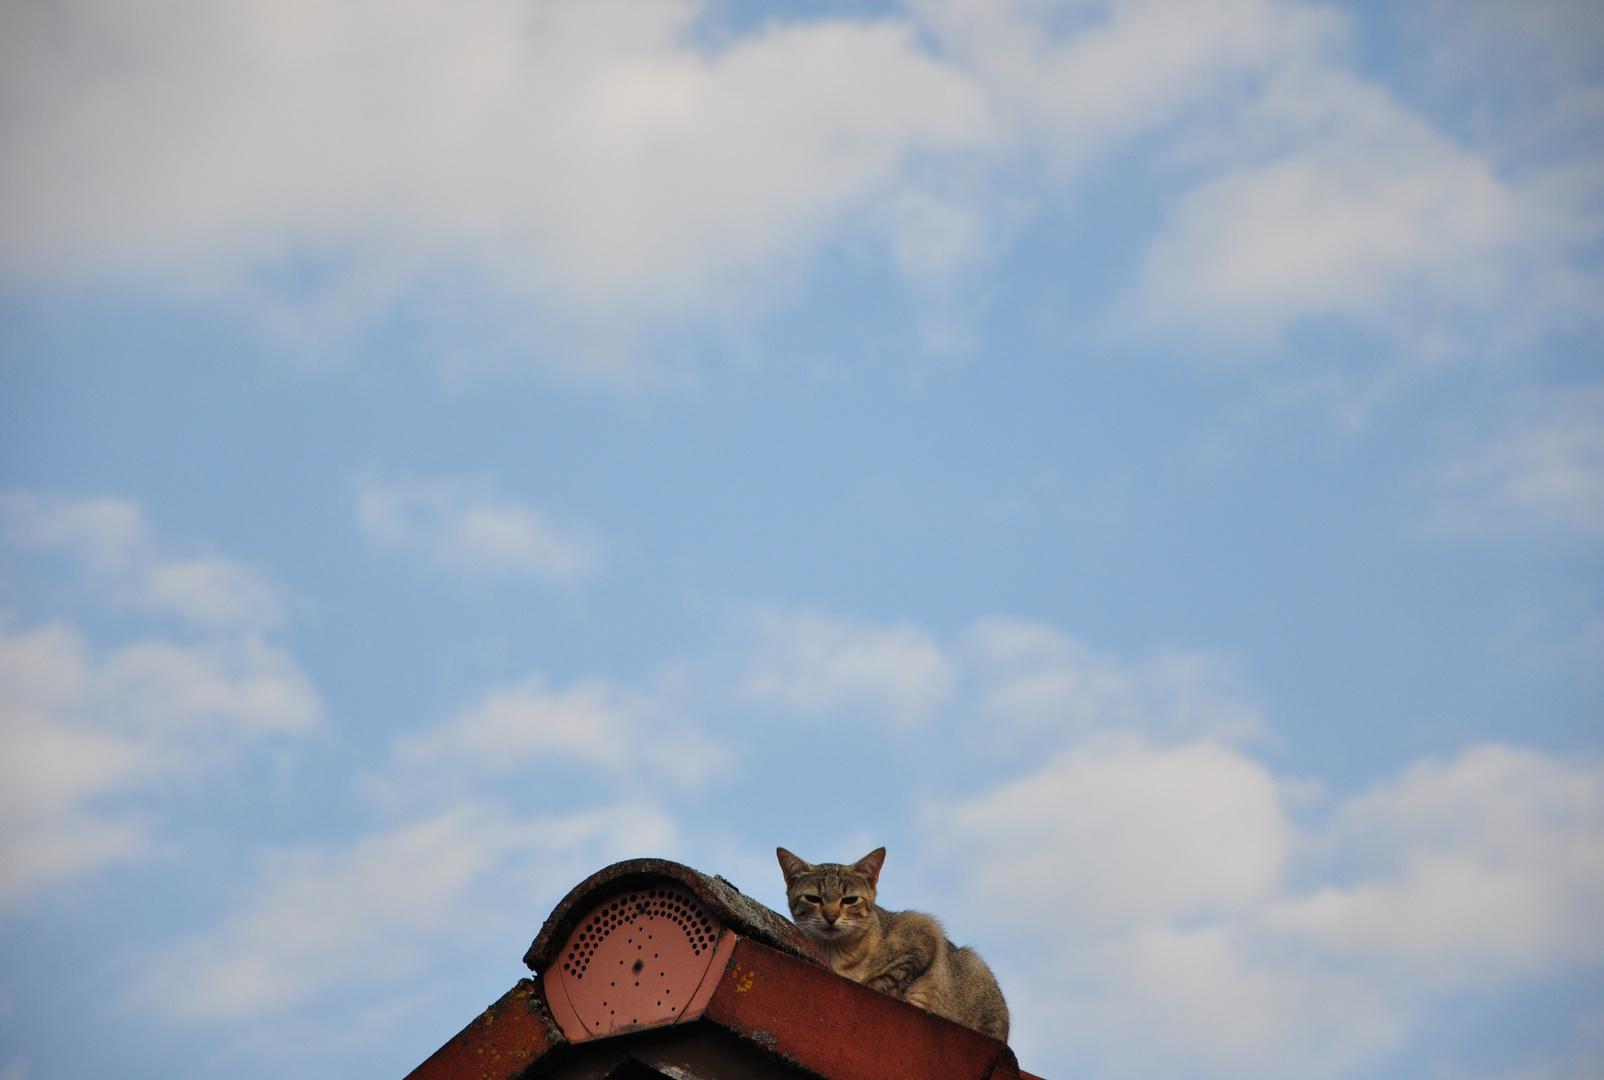 Noch nie eine Katze auf nem Hausdach gesehen???